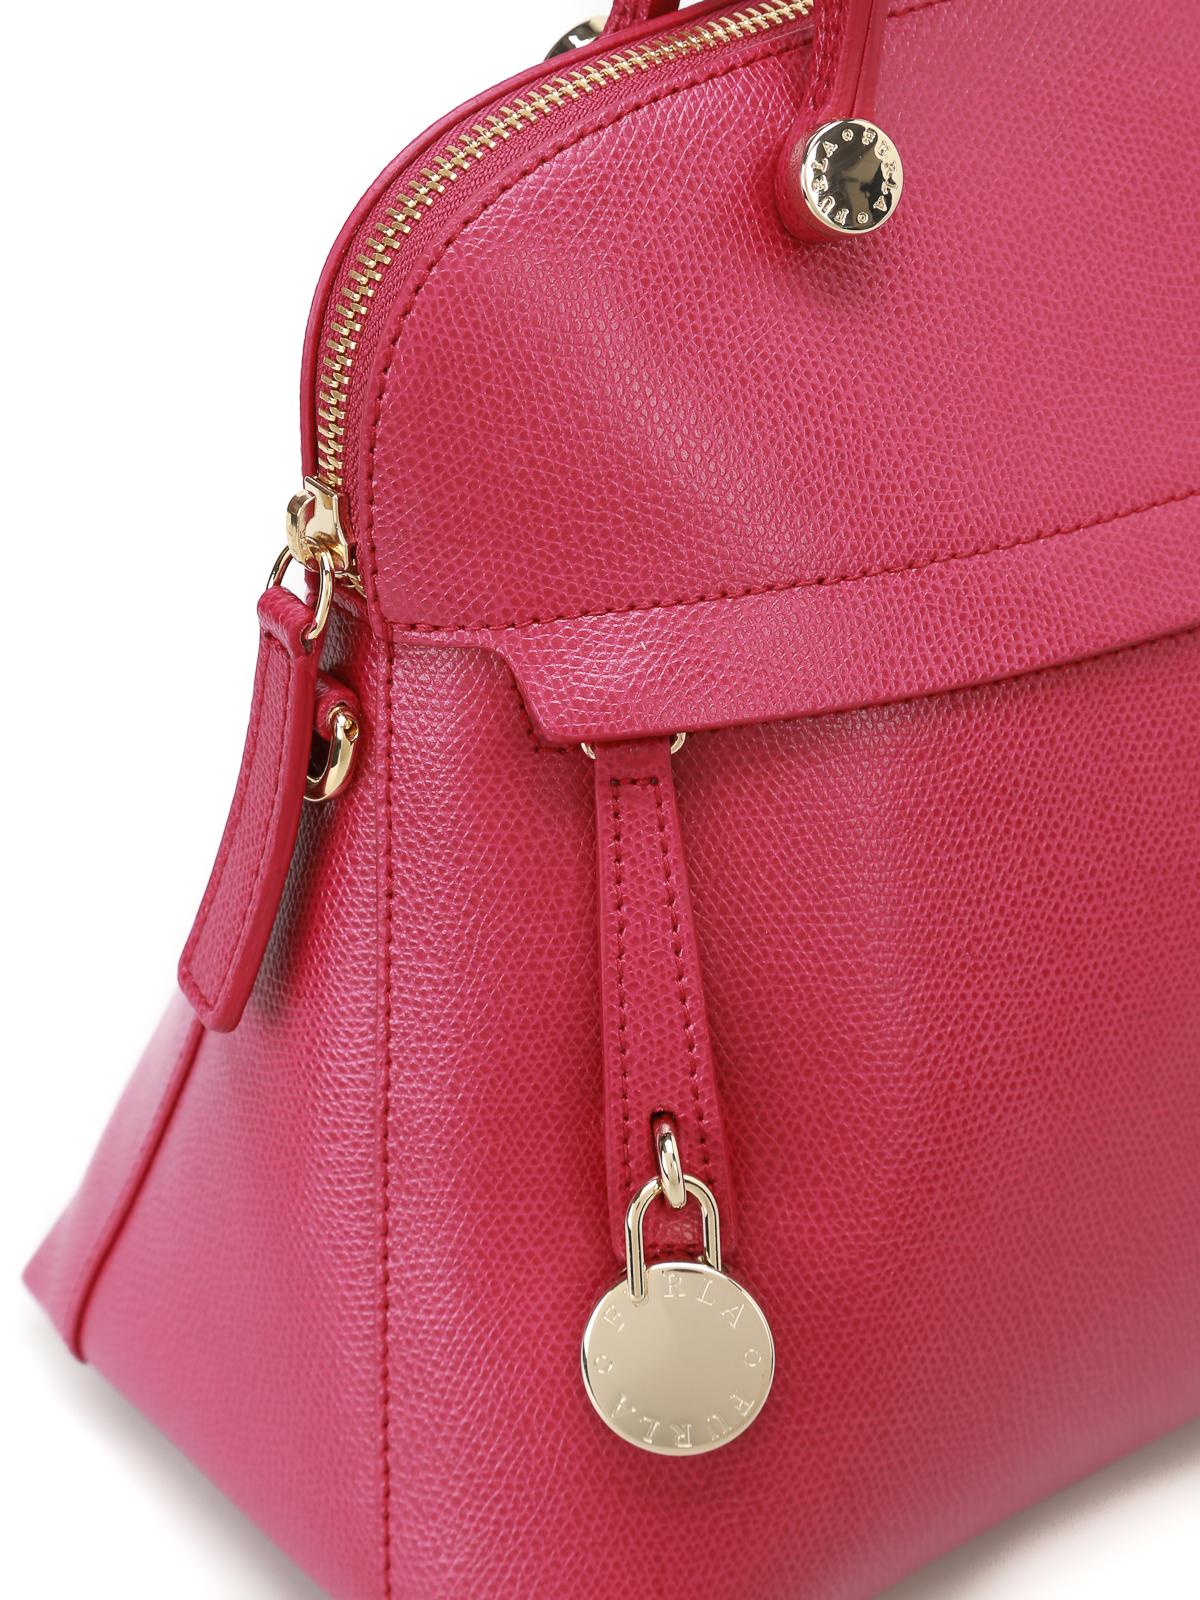 Furla Piper printed leather bag i0mIh